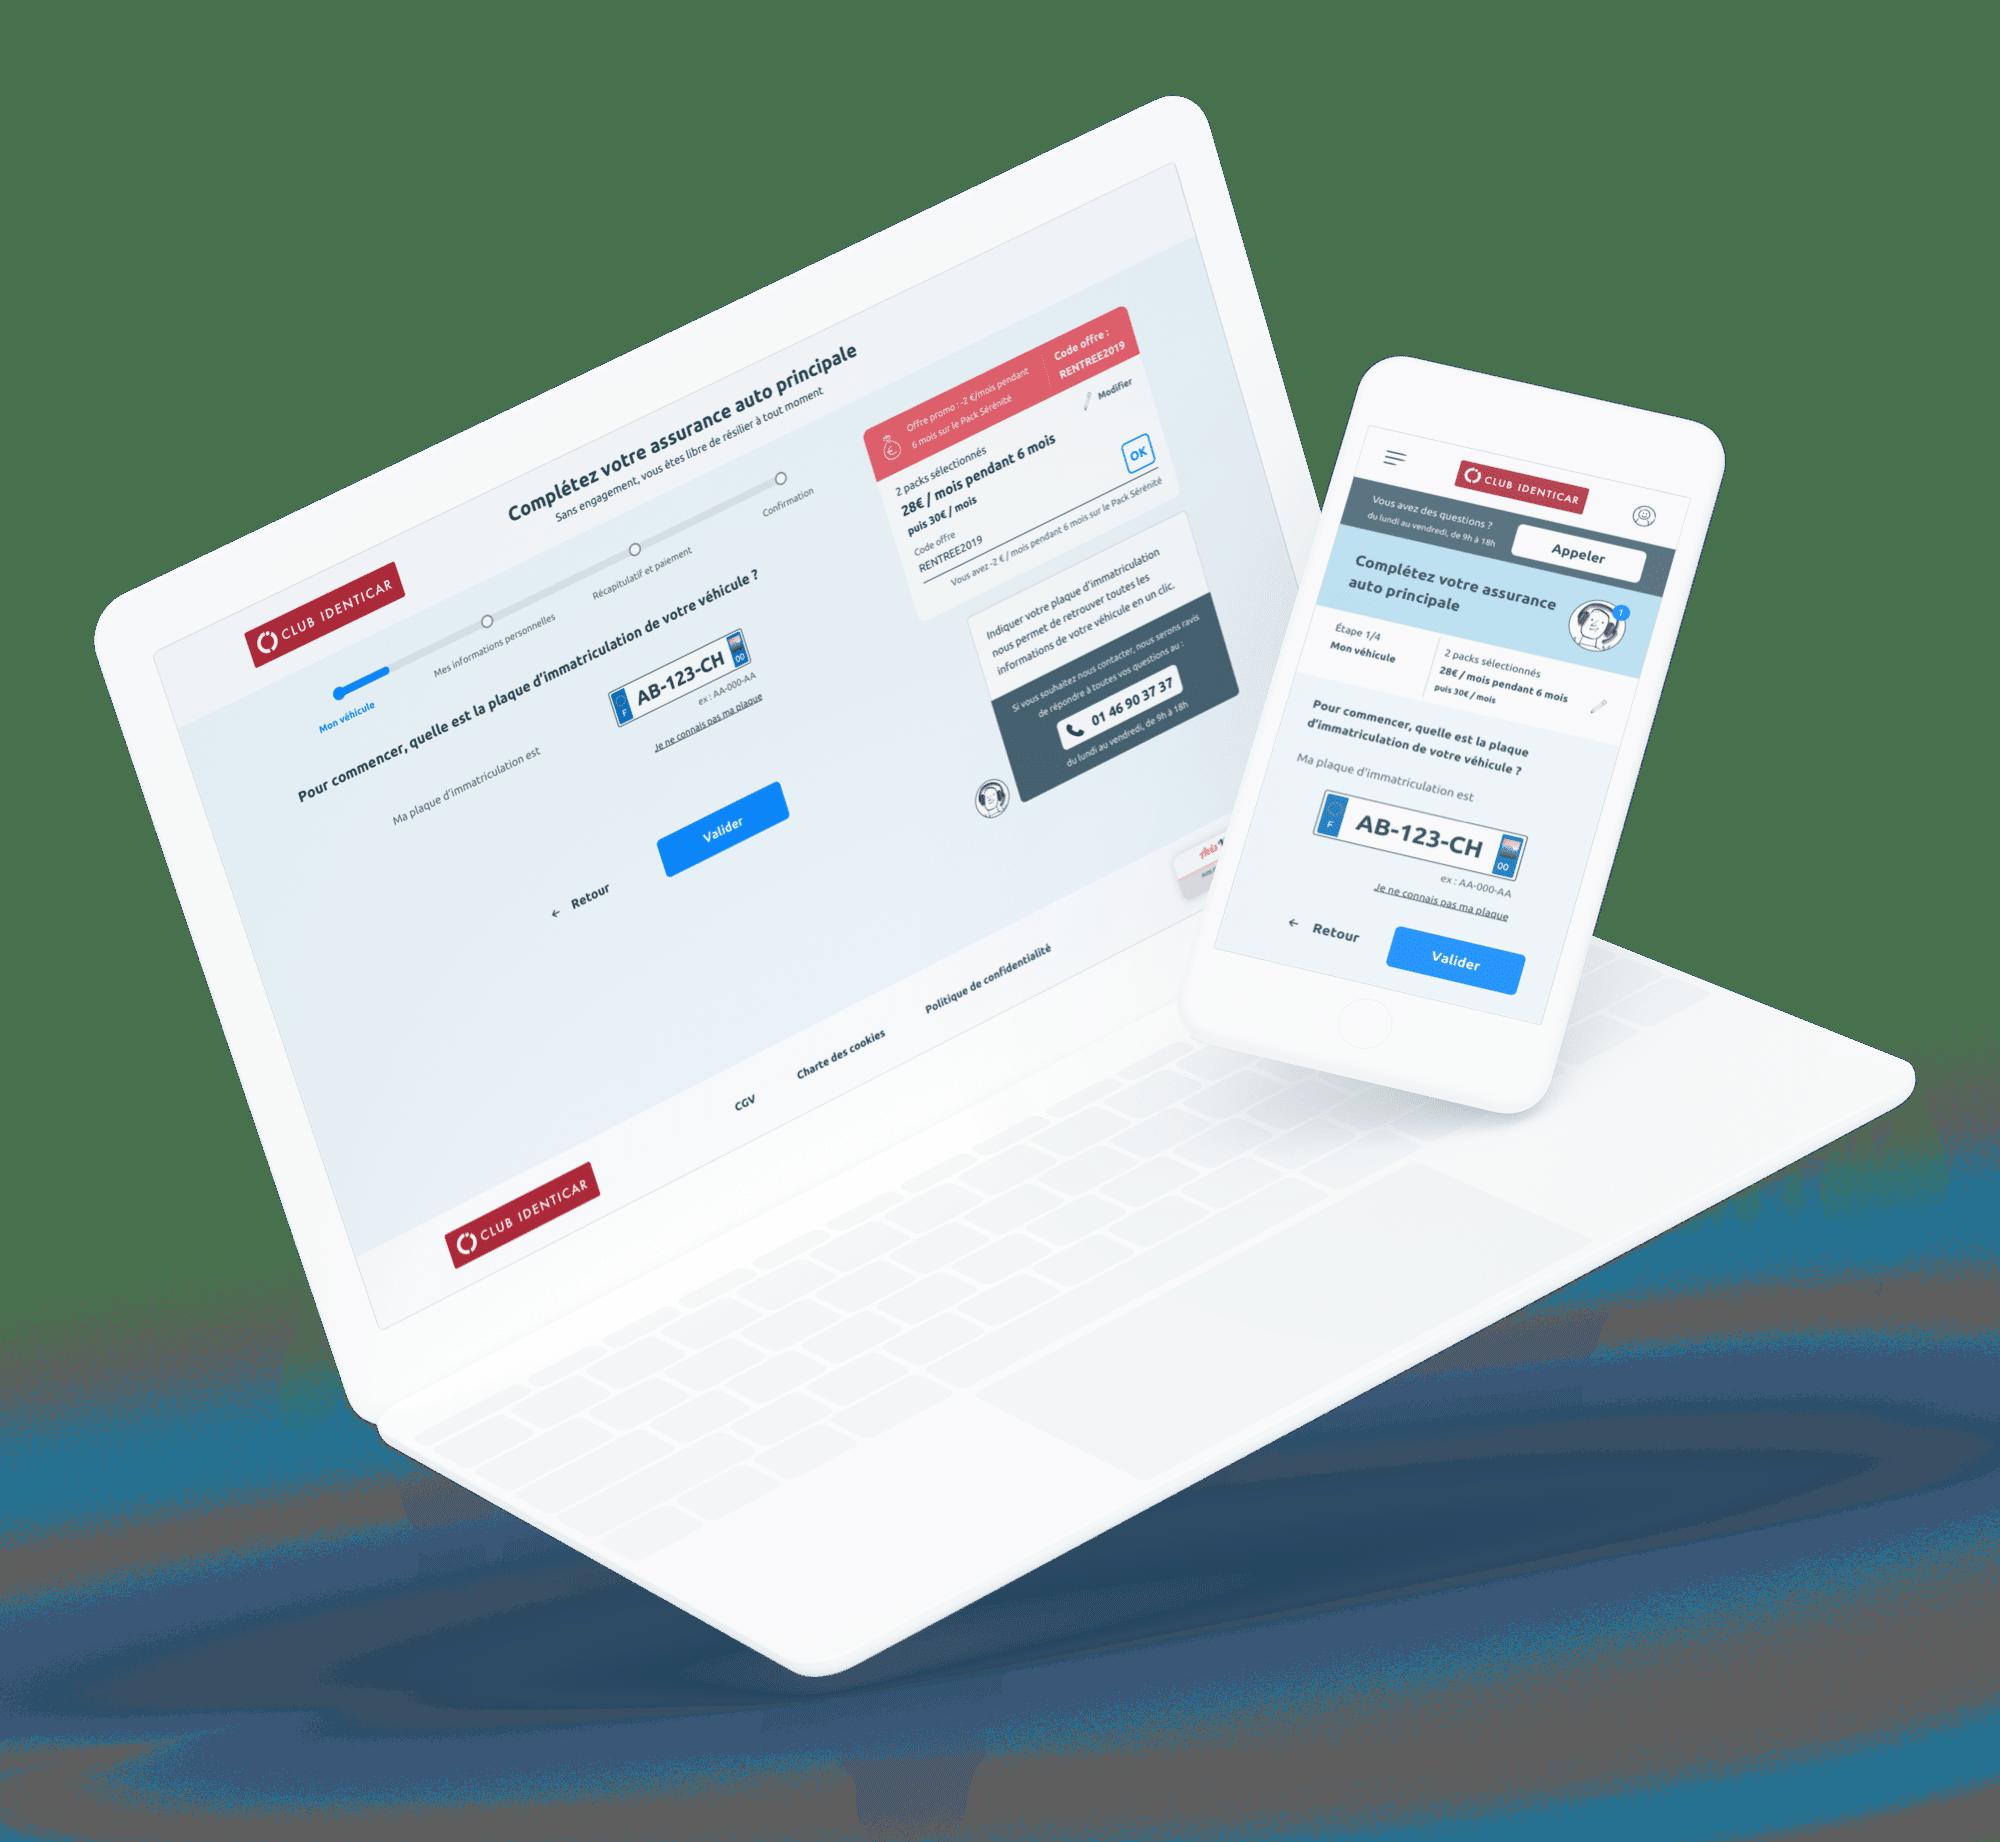 Club Identicar (Offre et Parcours de vente) - Site desktop et mobile